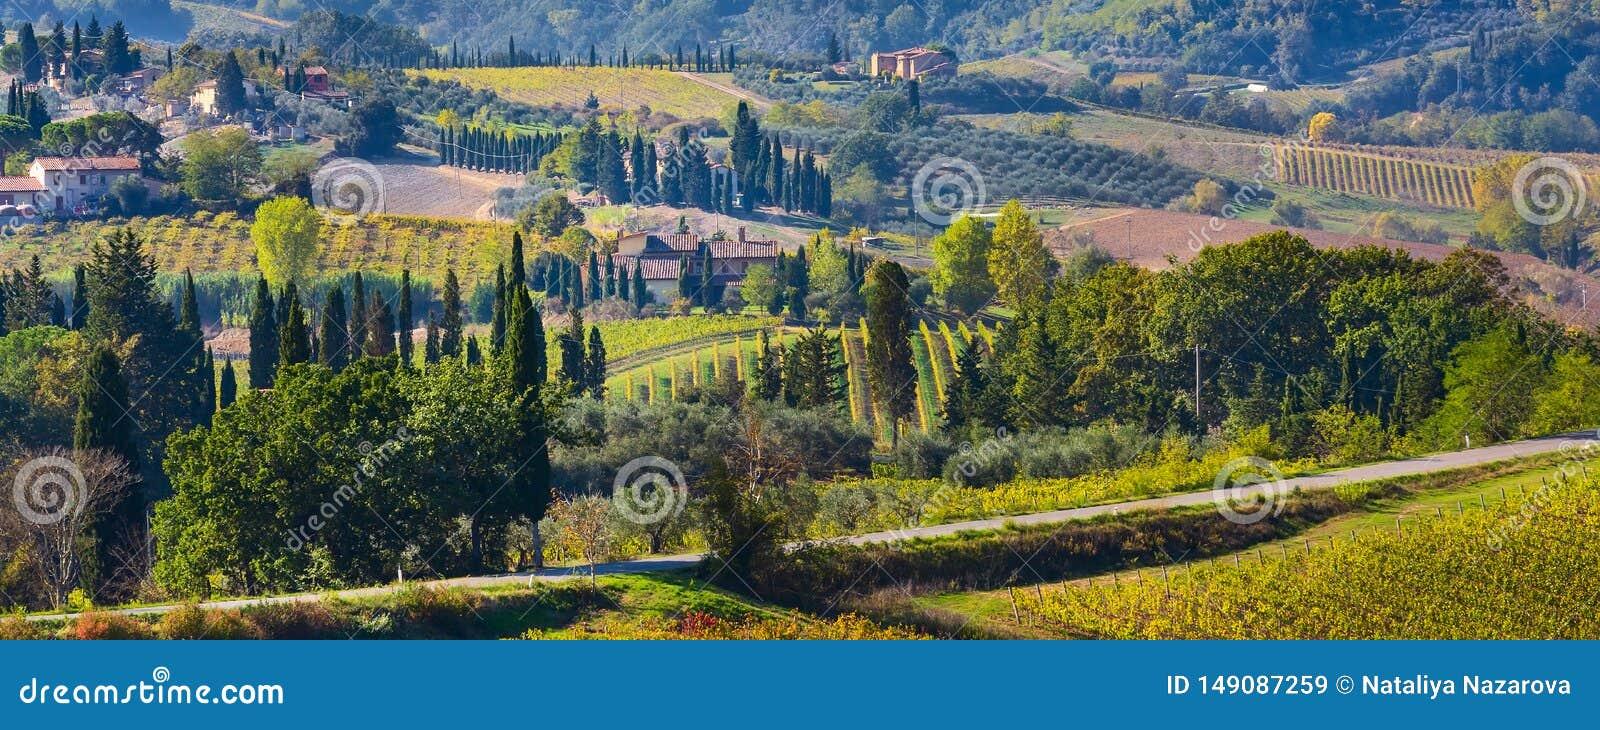 Paisaje de Toscana con los vi?edos, ?rboles de cipr?s